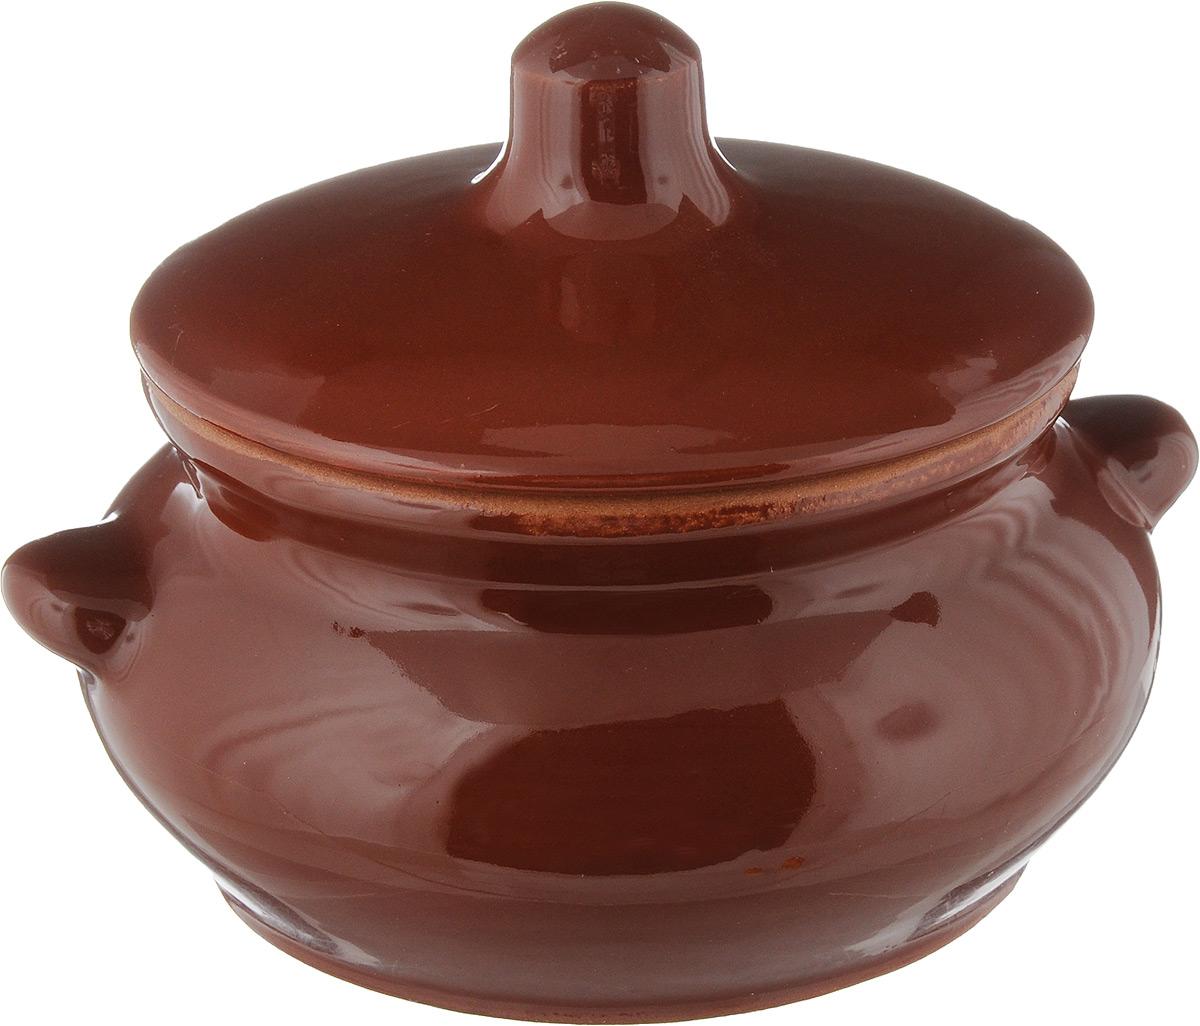 Горшок для жаркого Борисовская керамика Лакомка, с крышкой, цвет: коричневый, 500 мл. ОБЧ00000358ОБЧ00000358_коричневый, листокГоршок для жаркого Борисовская керамика Лакомка выполнен из высококачественной керамики. Внутренняя и внешняя поверхность покрыты глазурью. Керамика абсолютно безопасна, поэтому изделие придется по вкусу любителям здоровой и полезной пищи. Горшок для запекания с крышкой очень вместителен и имеет удобную форму. Идеально подходит для одной порции. Уникальные свойства красной глины и толстые стенки изделия обеспечивают эффект русской печи при приготовлении блюд. Это значит, что еда будет очень вкусной, сочной и здоровой. Посуда жаропрочная. Можно использовать в духовке и микроволновой печи. Диаметр горшка по верхнему краю: 11 см. Высота стенки: 6,8 см. Ширина горшка (с учетом ручек): 14,5 см. Высота горшка (с учетом крышки): 11 см.